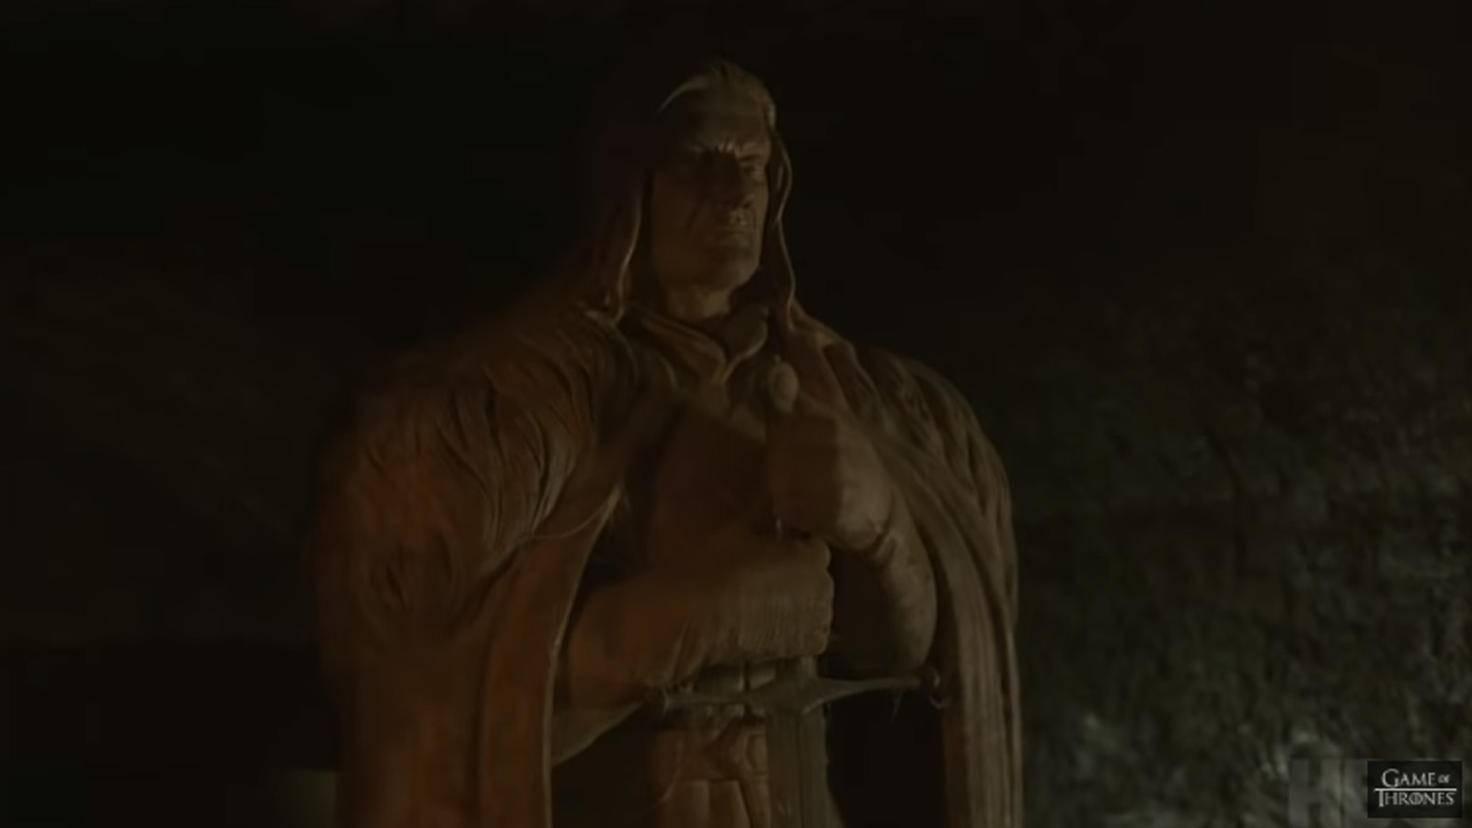 Alles andere als vergessen: Ned Stark in der Krypta von Winterfell.